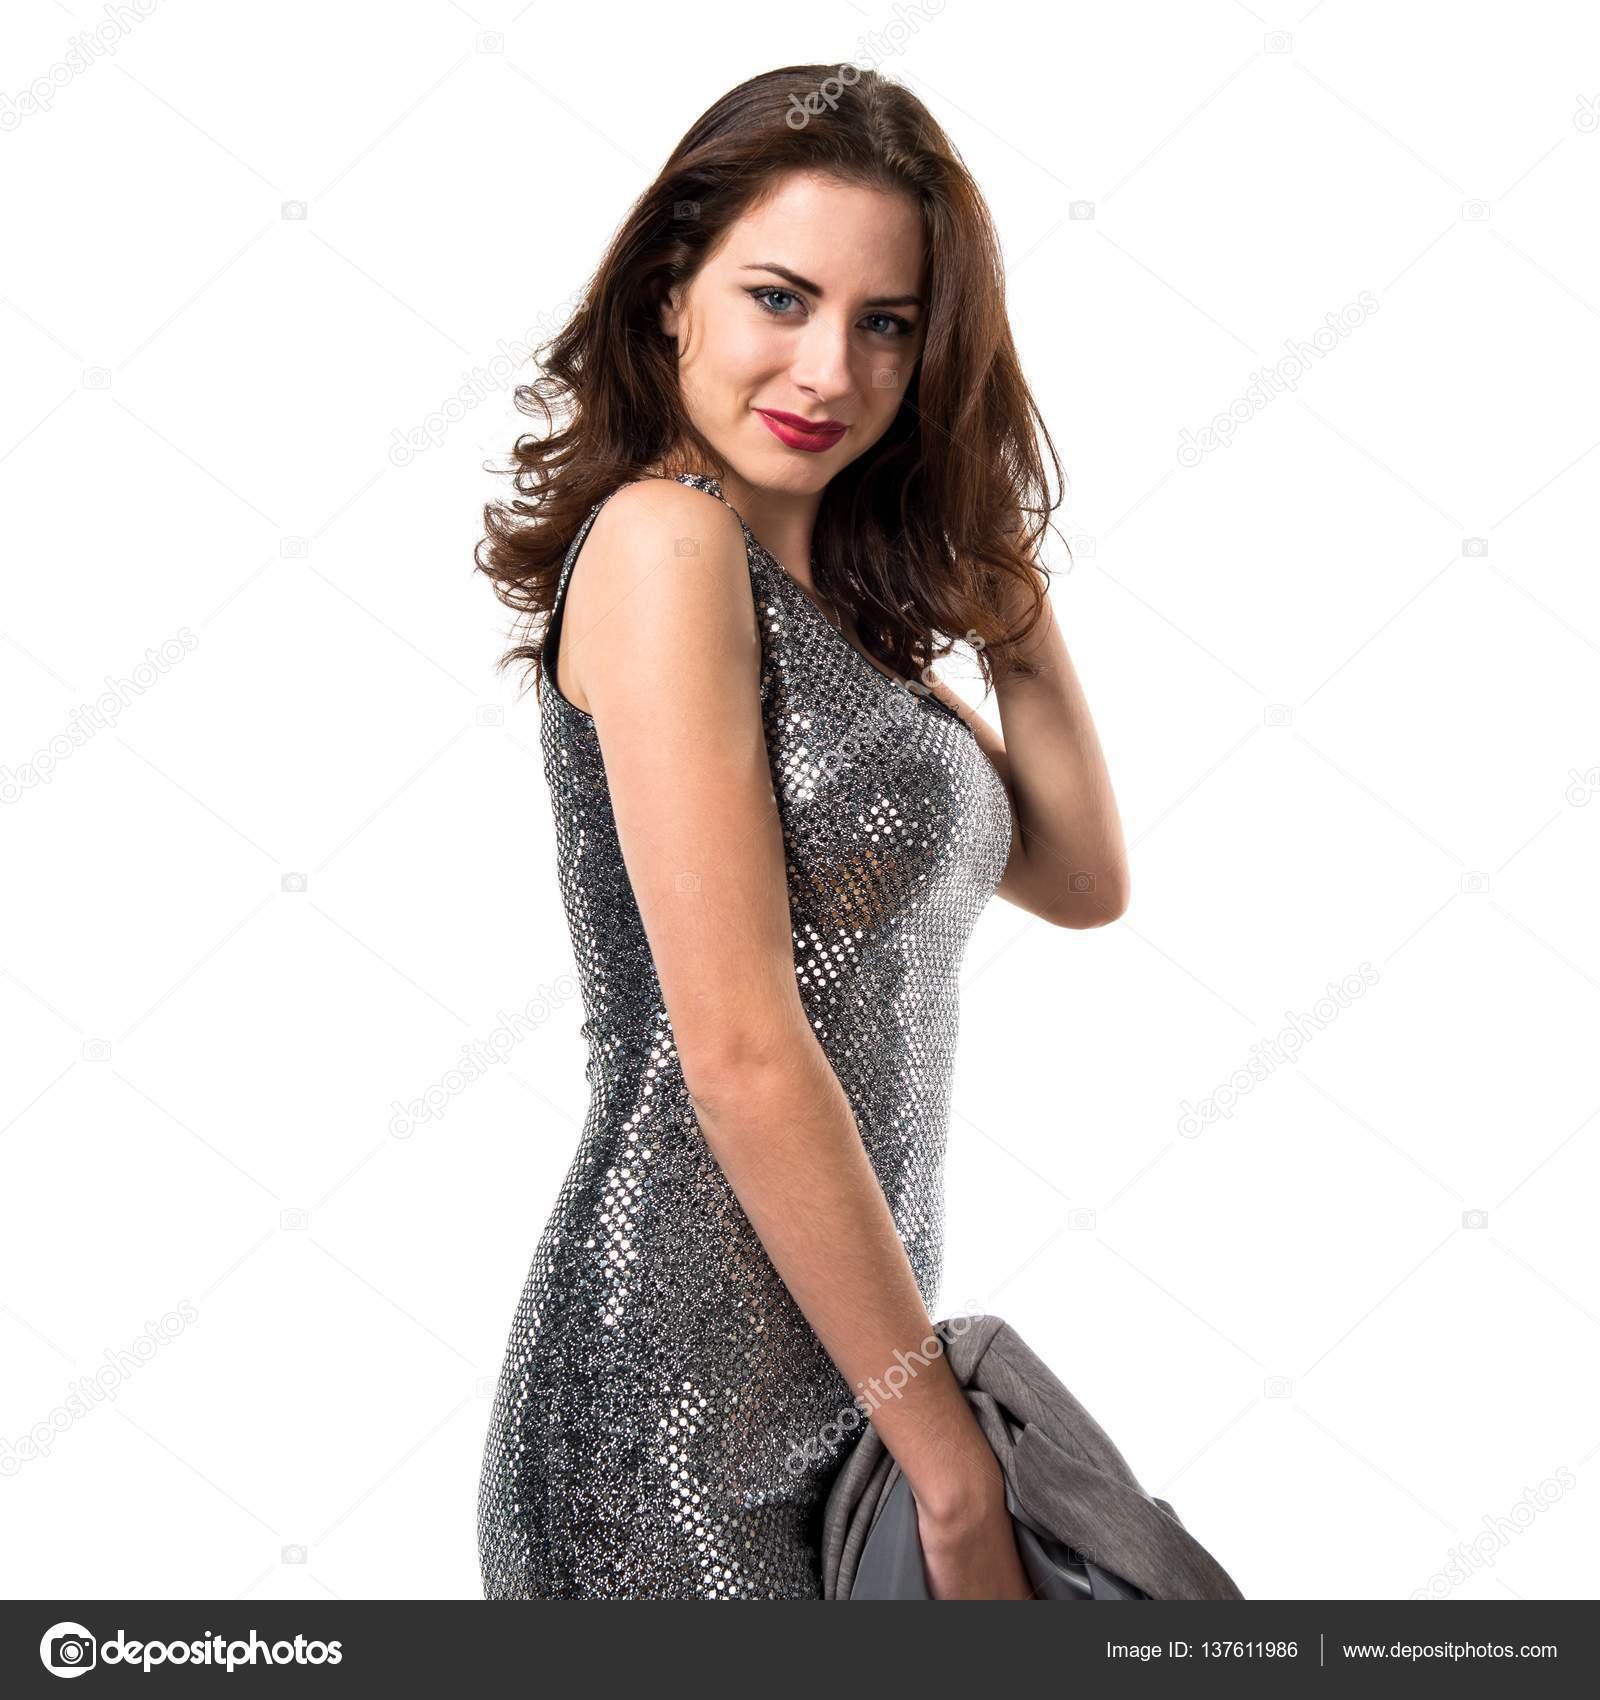 schöne Frau in einem Party-Kleid — Stockfoto © luismolinero #137611986